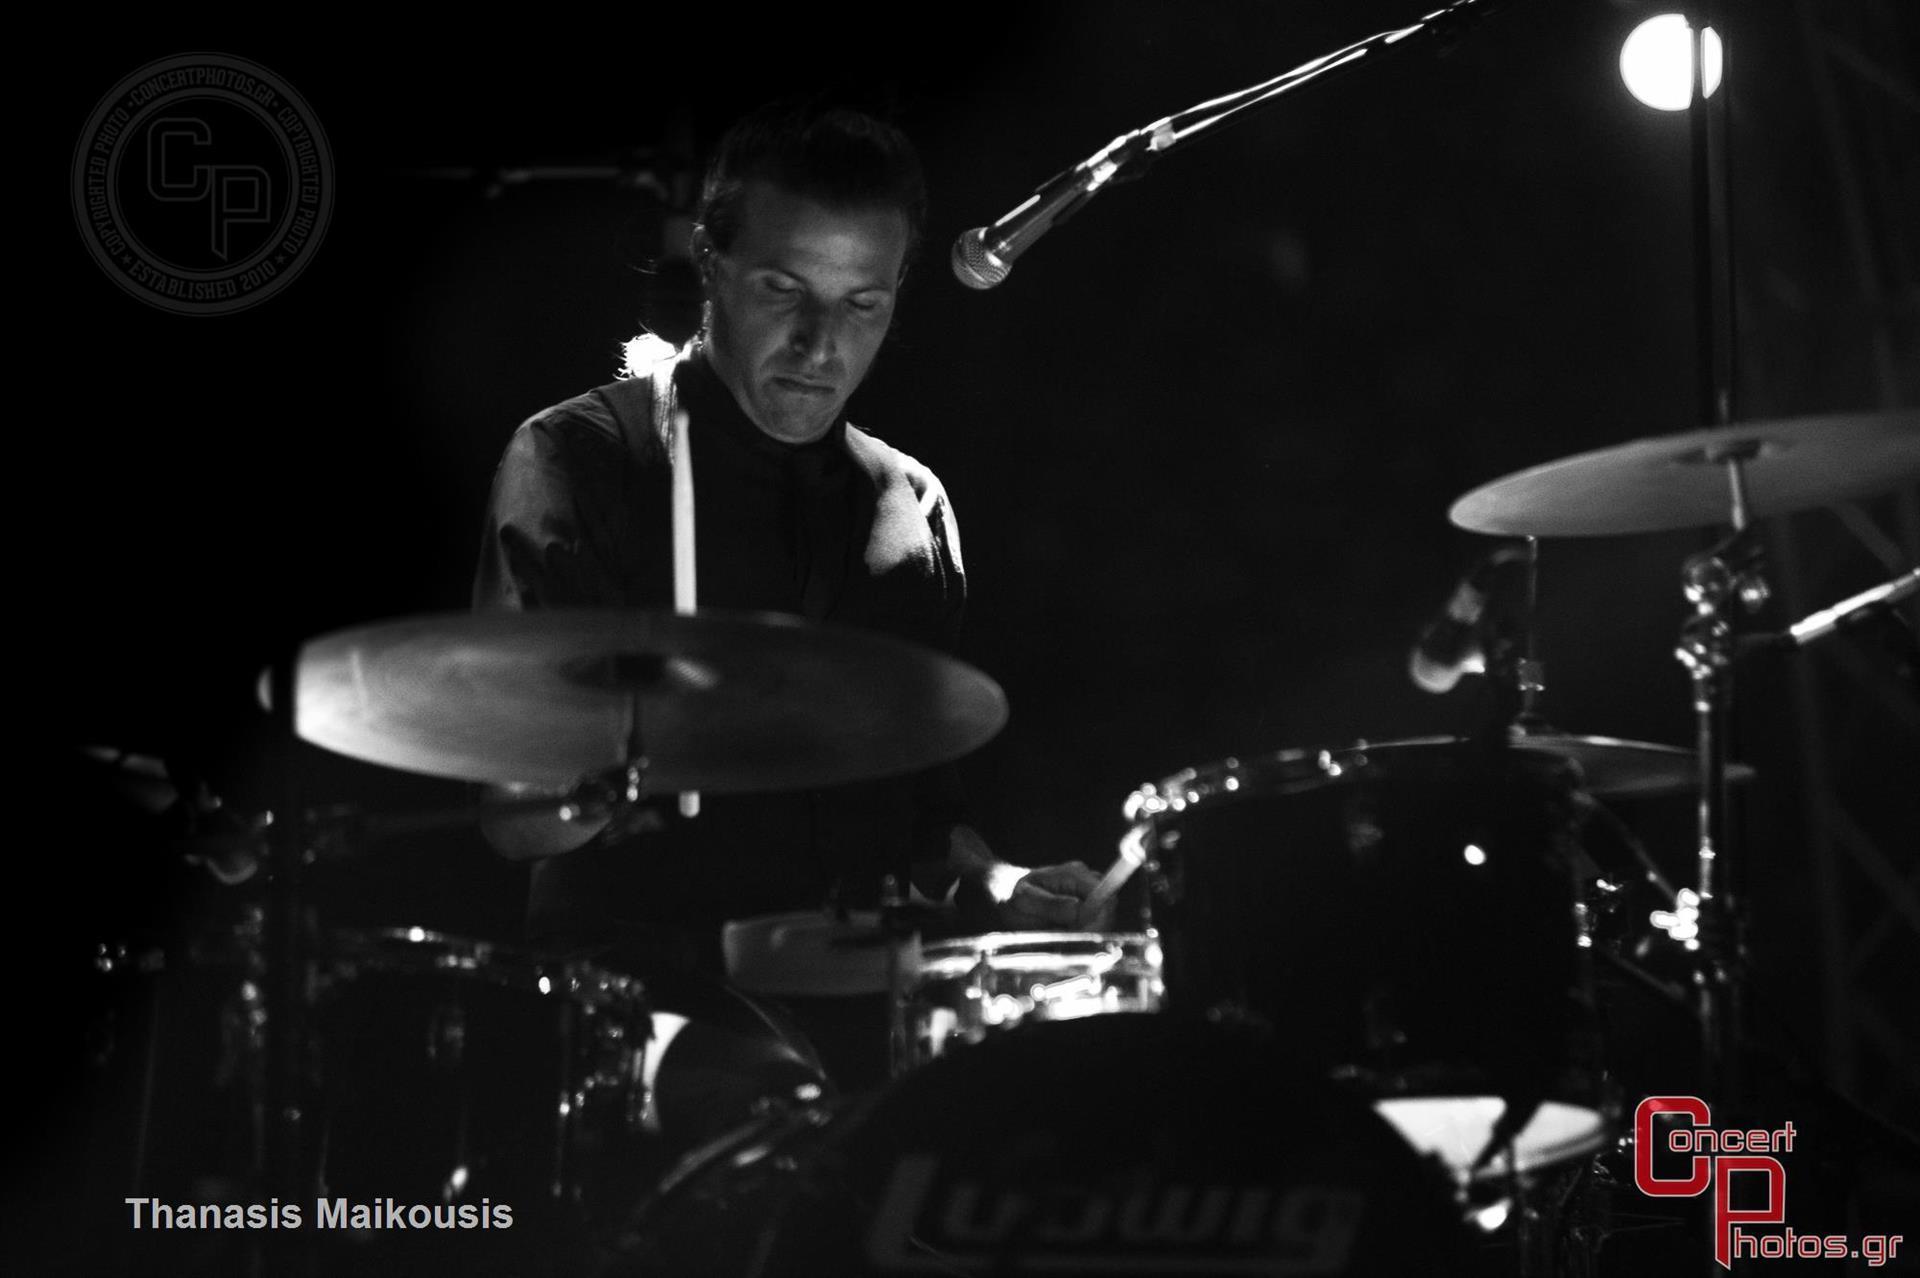 Asaf Avidan-Asaf Avidan photographer: Thanasis Maikousis - ConcertPhotos - 20150624_2102_13